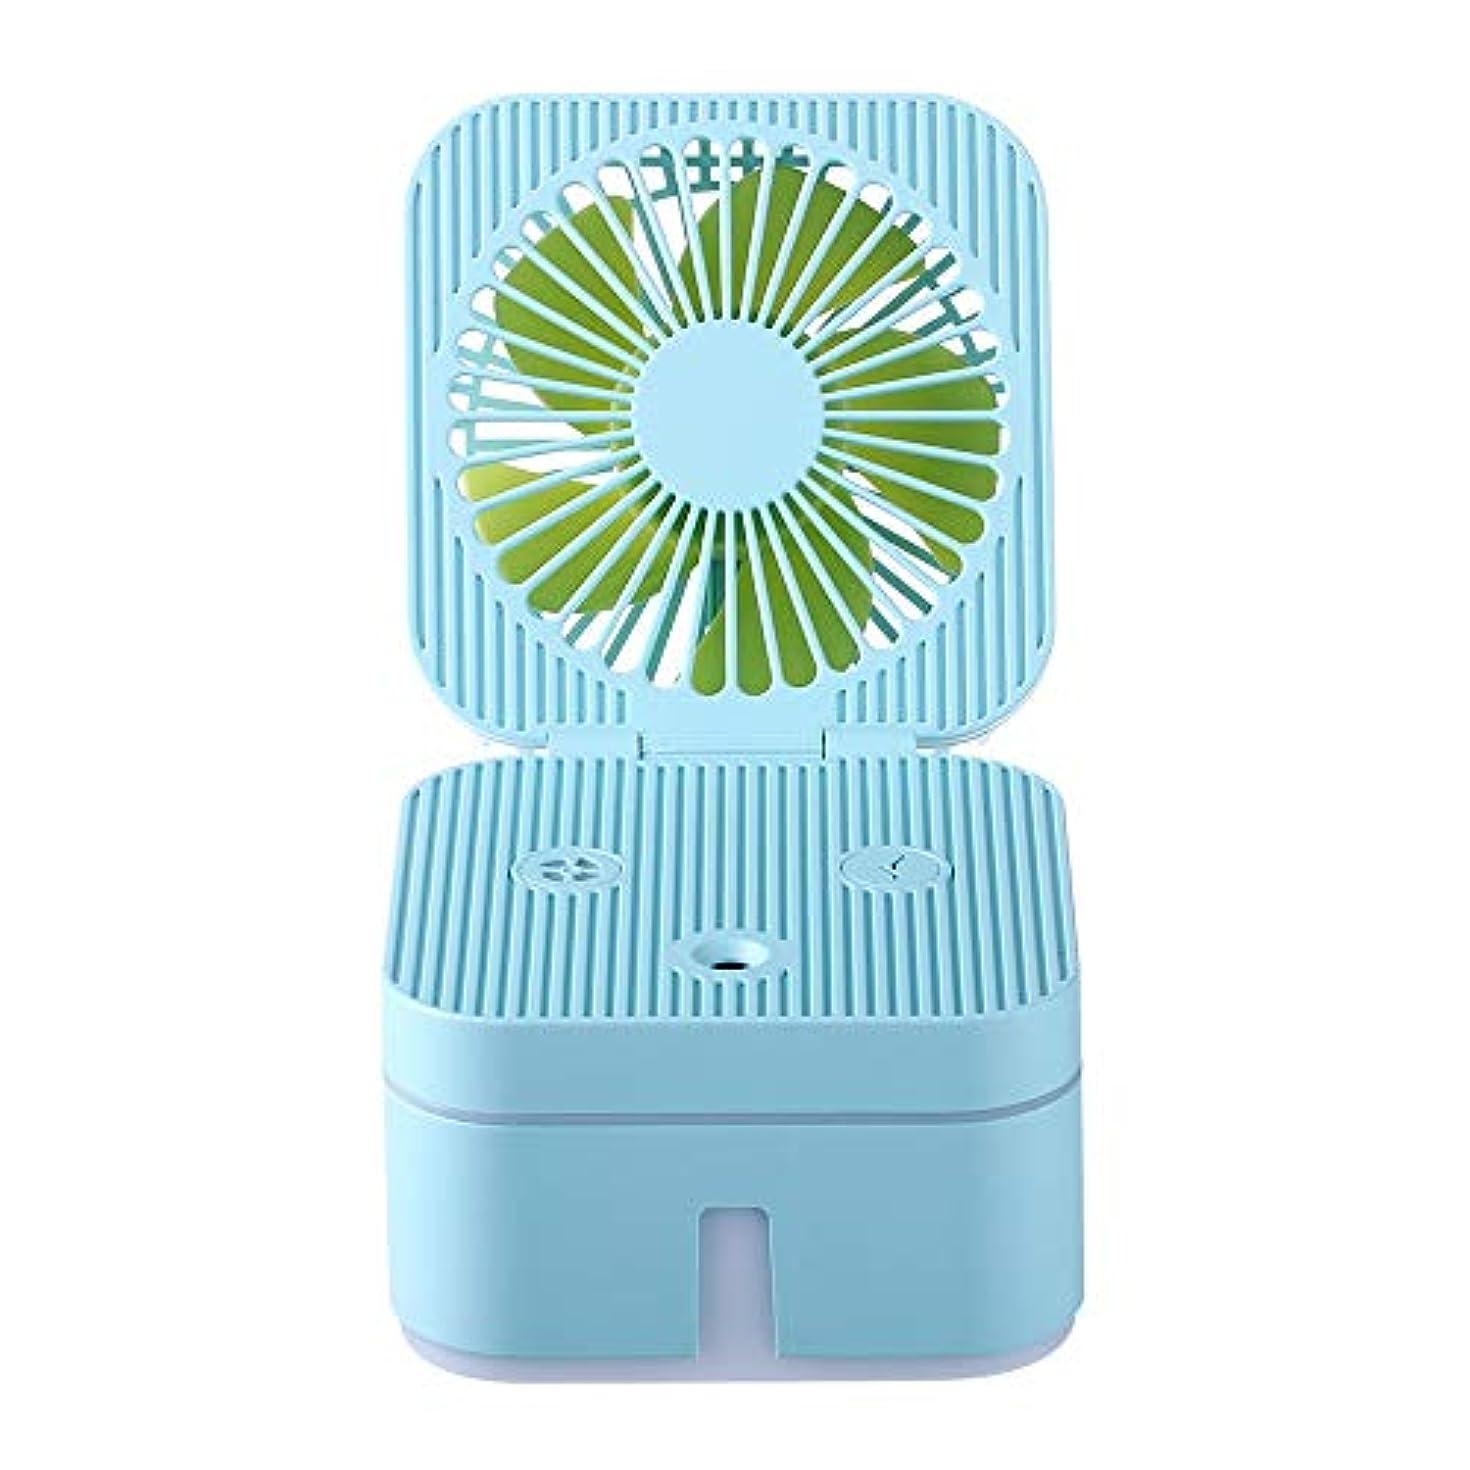 柔らかいによって時々ZXF 容量保湿美容機器ABS素材USB充電加湿器ウォータースプレーメーターブルー 滑らかである